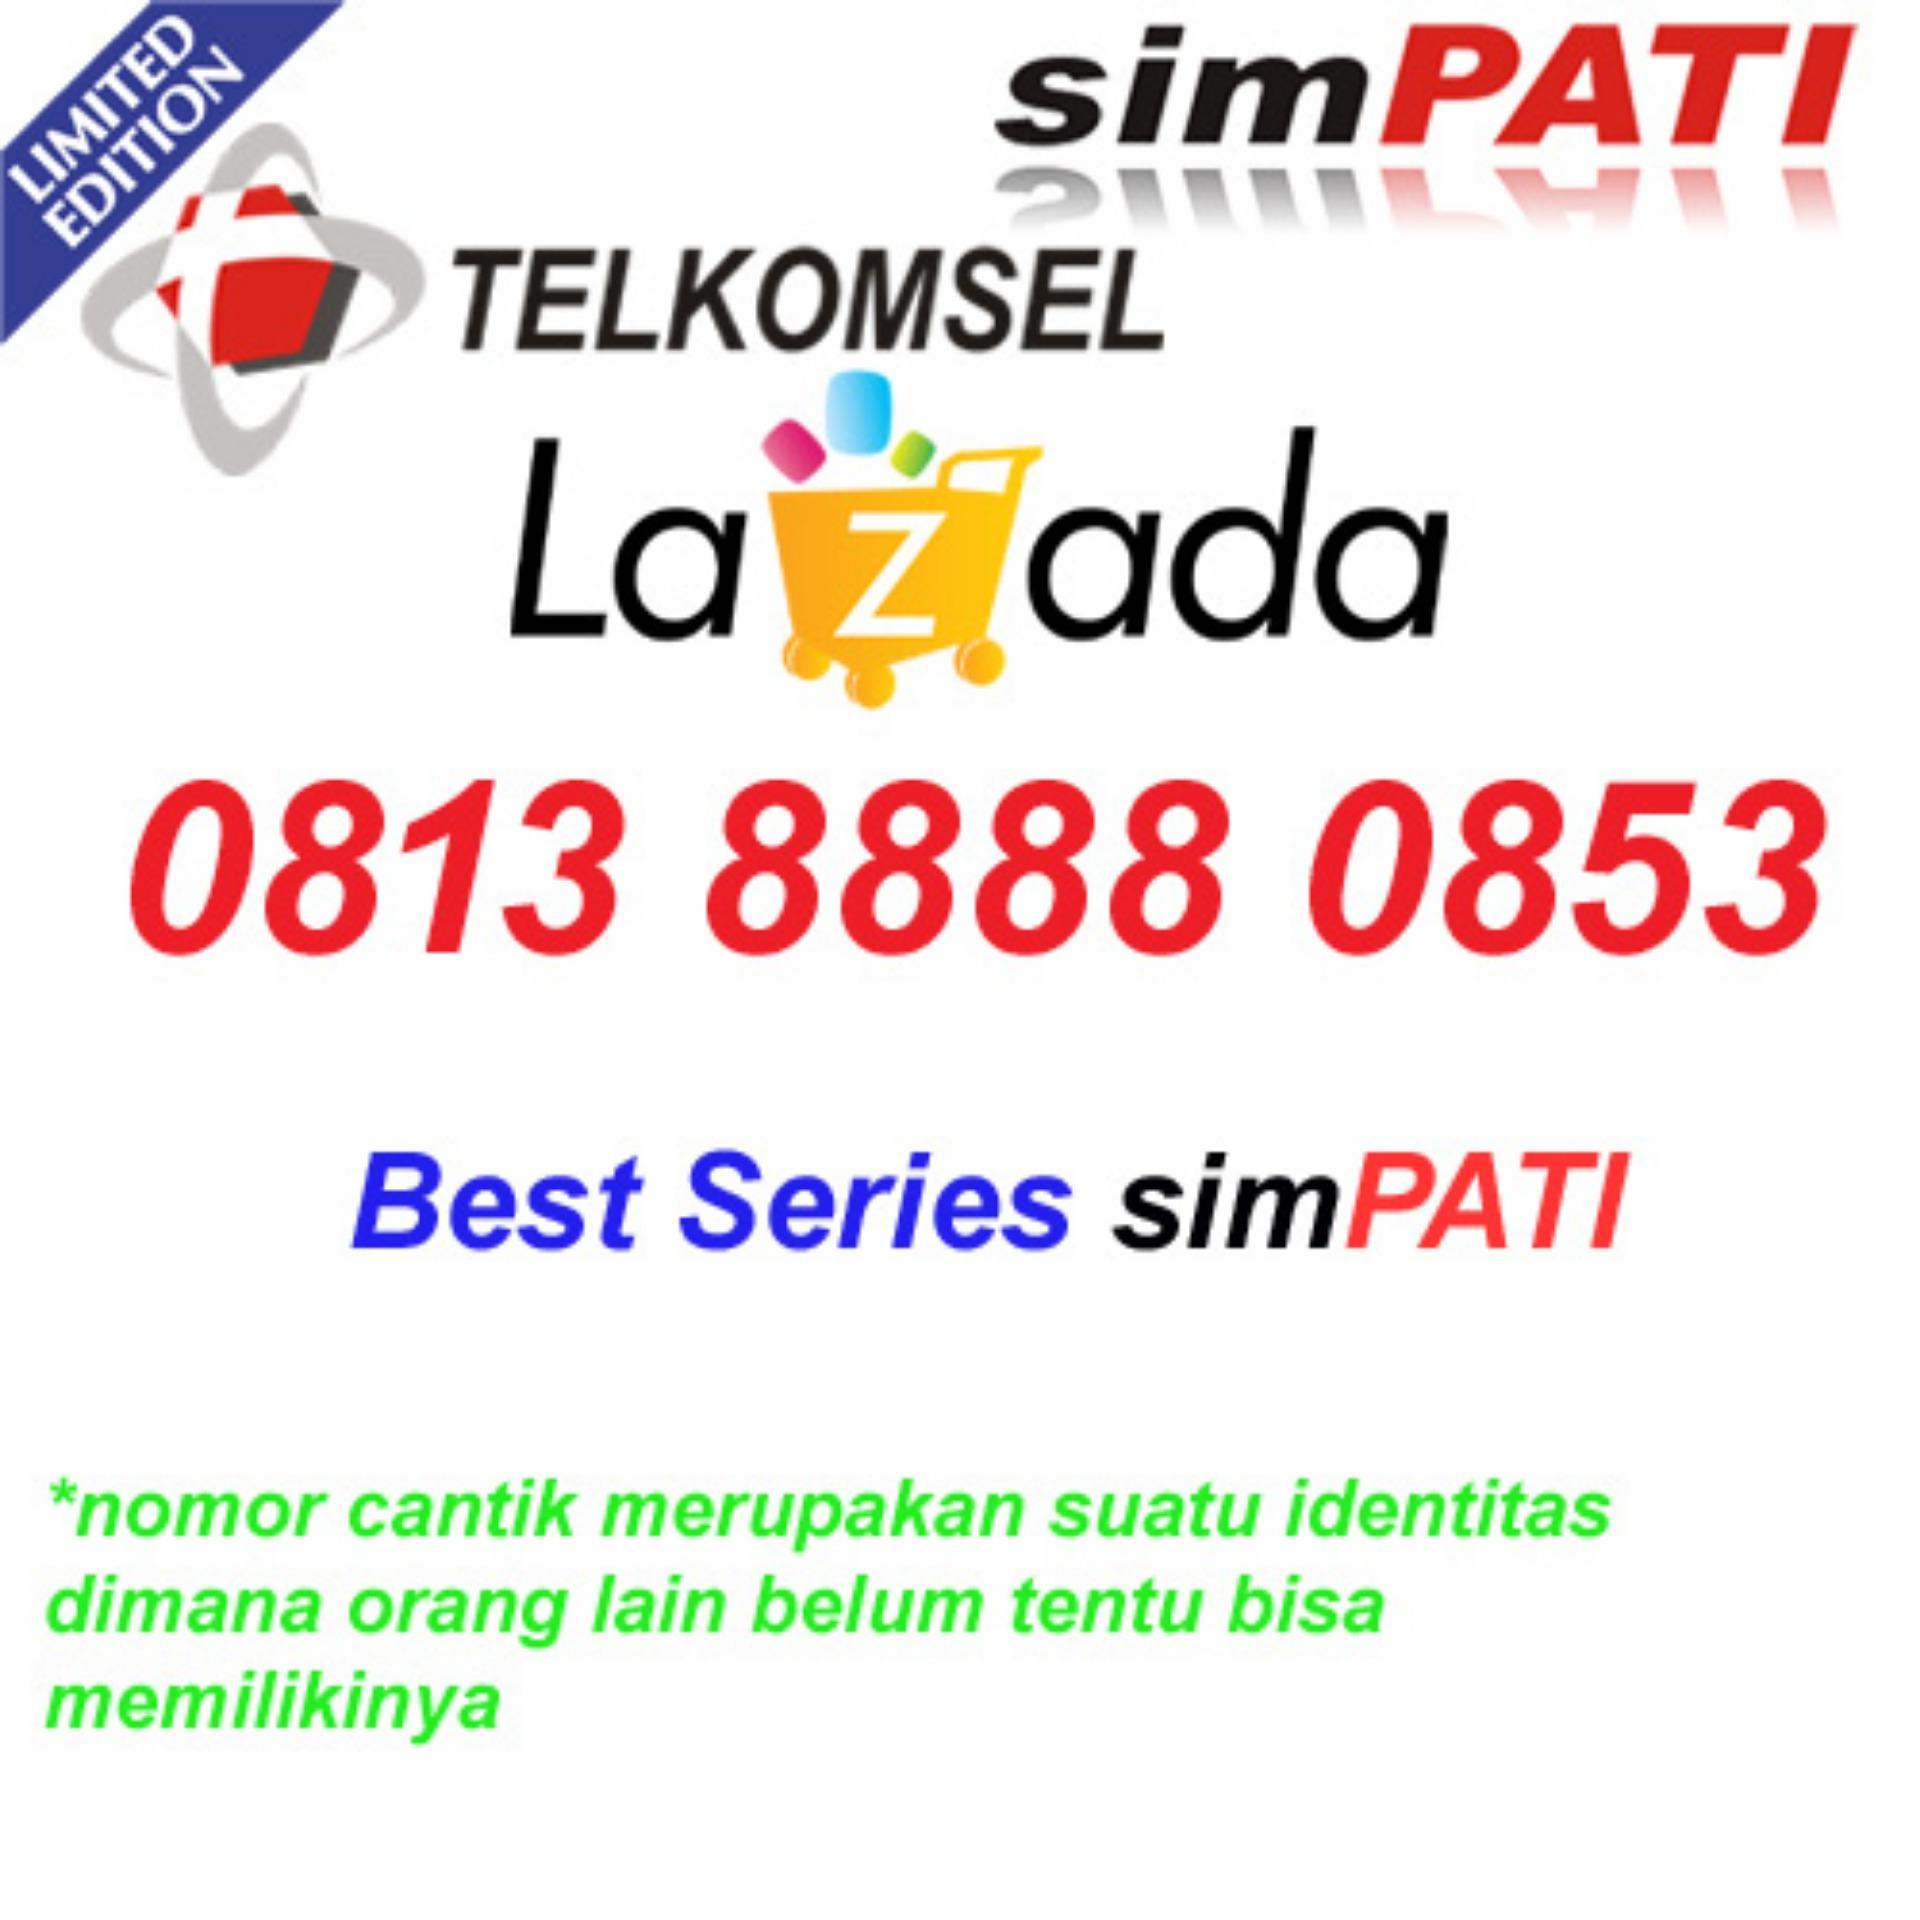 Bandingkan Toko Telkomsel Simpati 0813 8888 0853 Kartu Perdana Nomor Cantik Super sale - Hanya Rp288